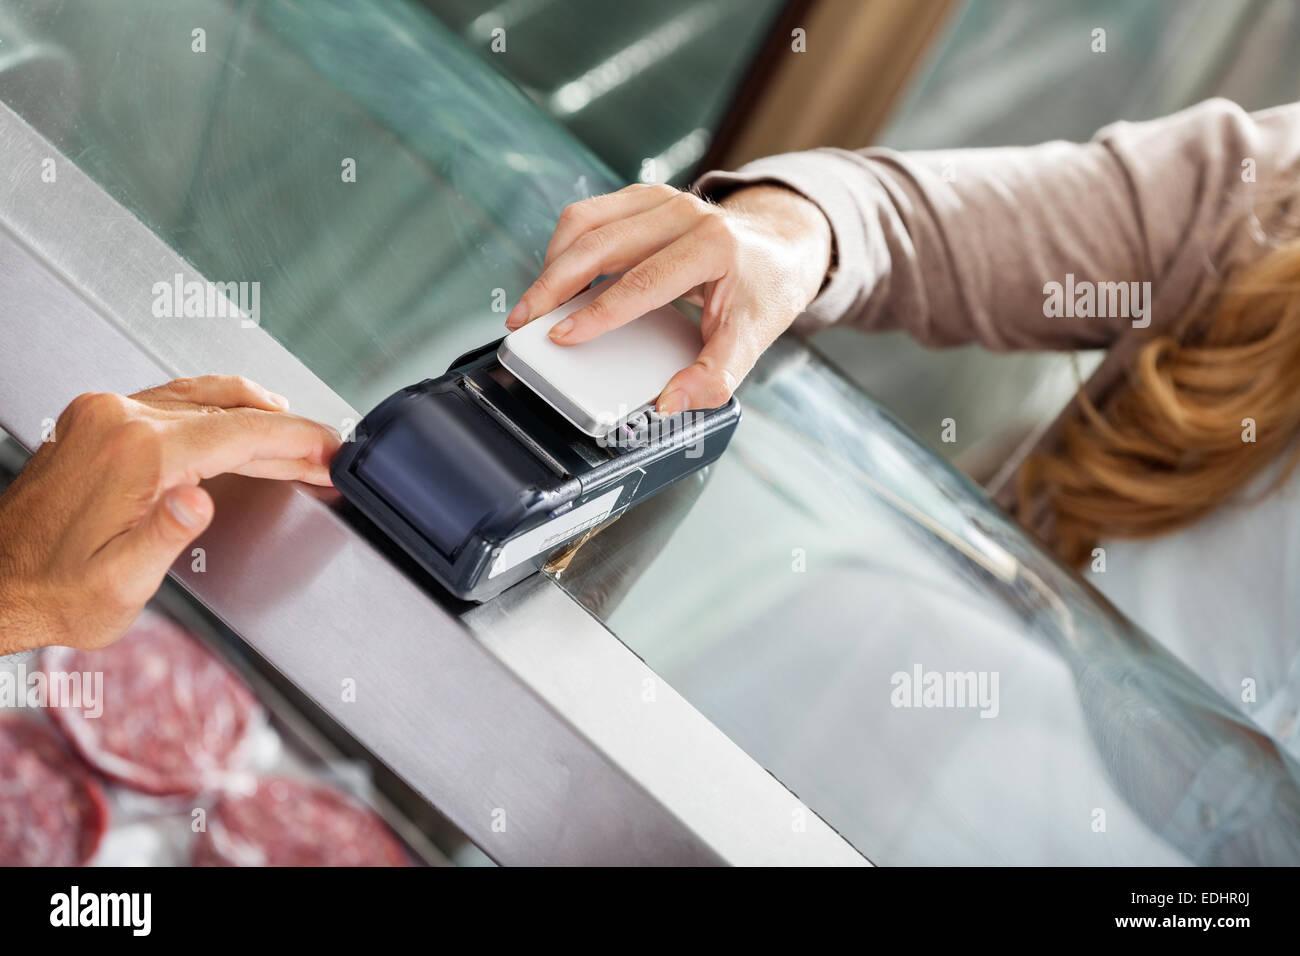 Client de vos paiements sur smartphone dans une boucherie Photo Stock